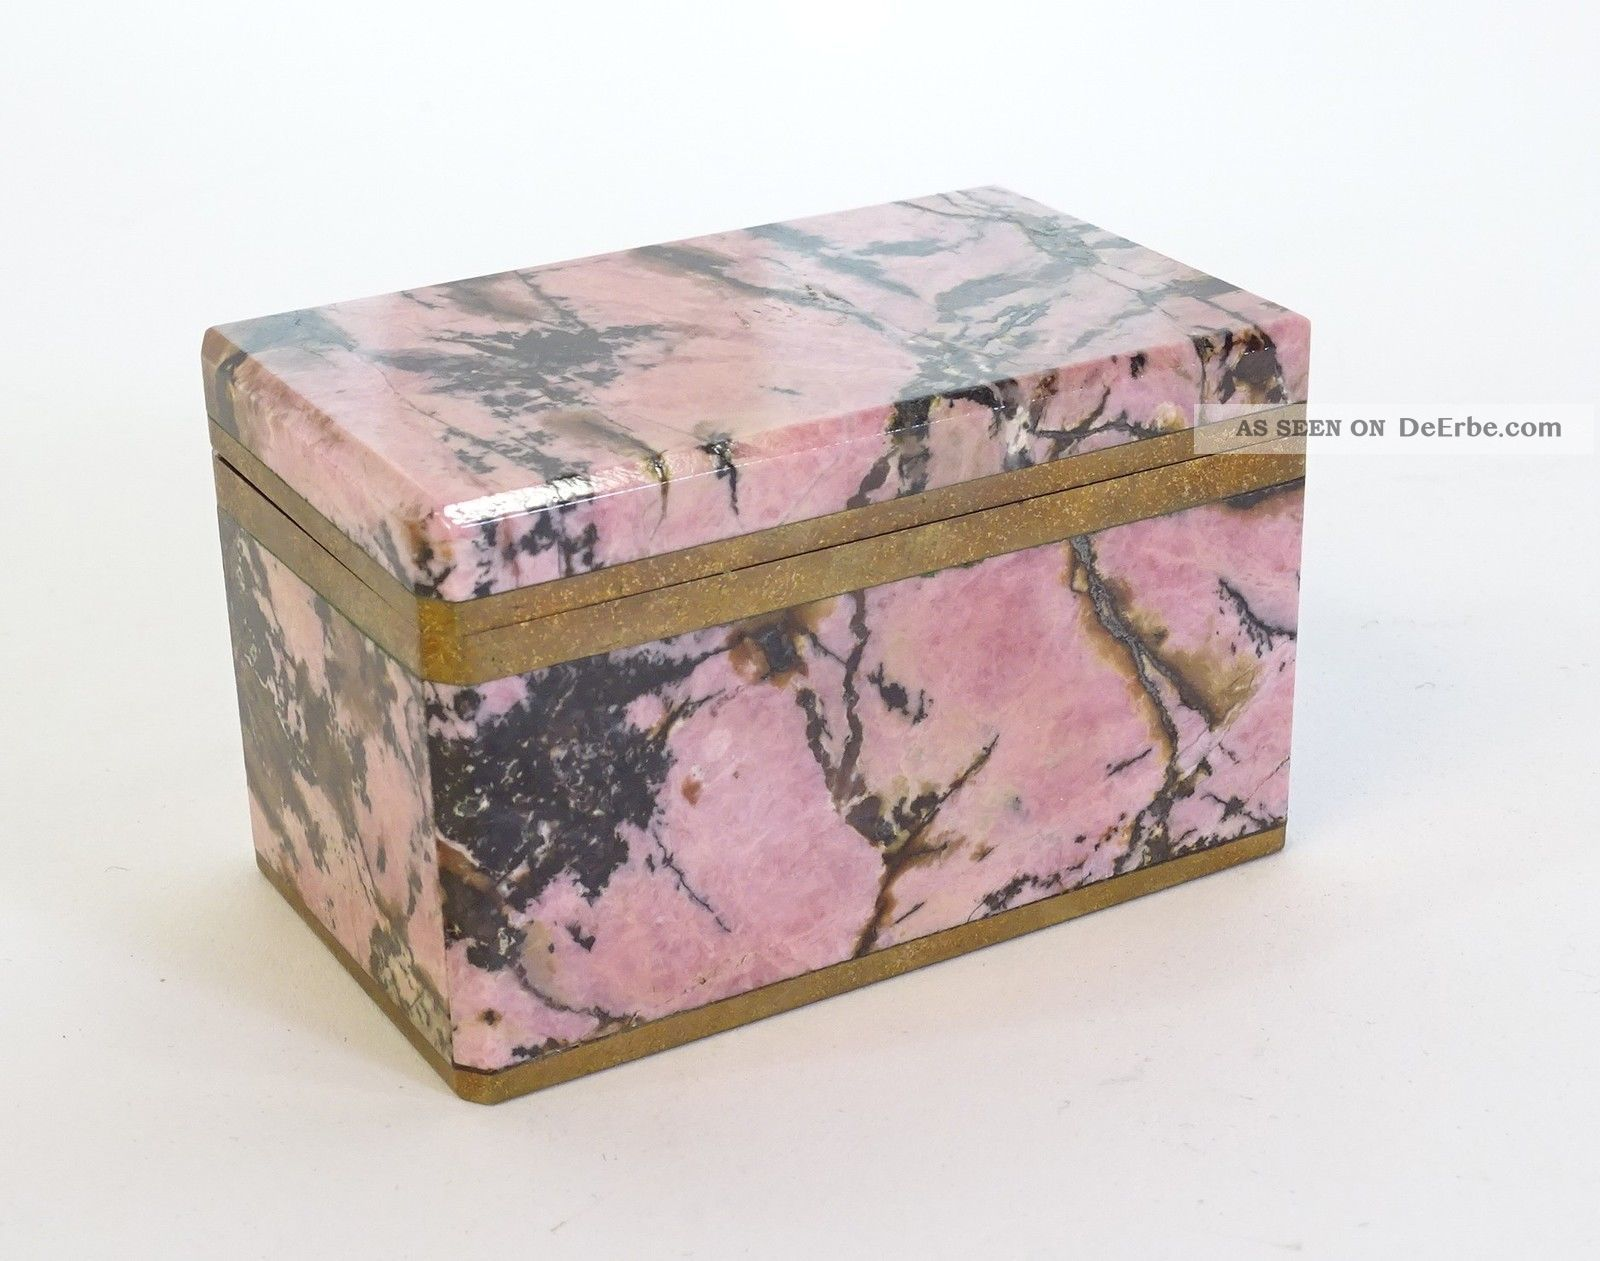 Herrliche Antike Massive Marmor Schatulle Schmuckbox Rosa Schwarz Schmuck & Accessoires Bild